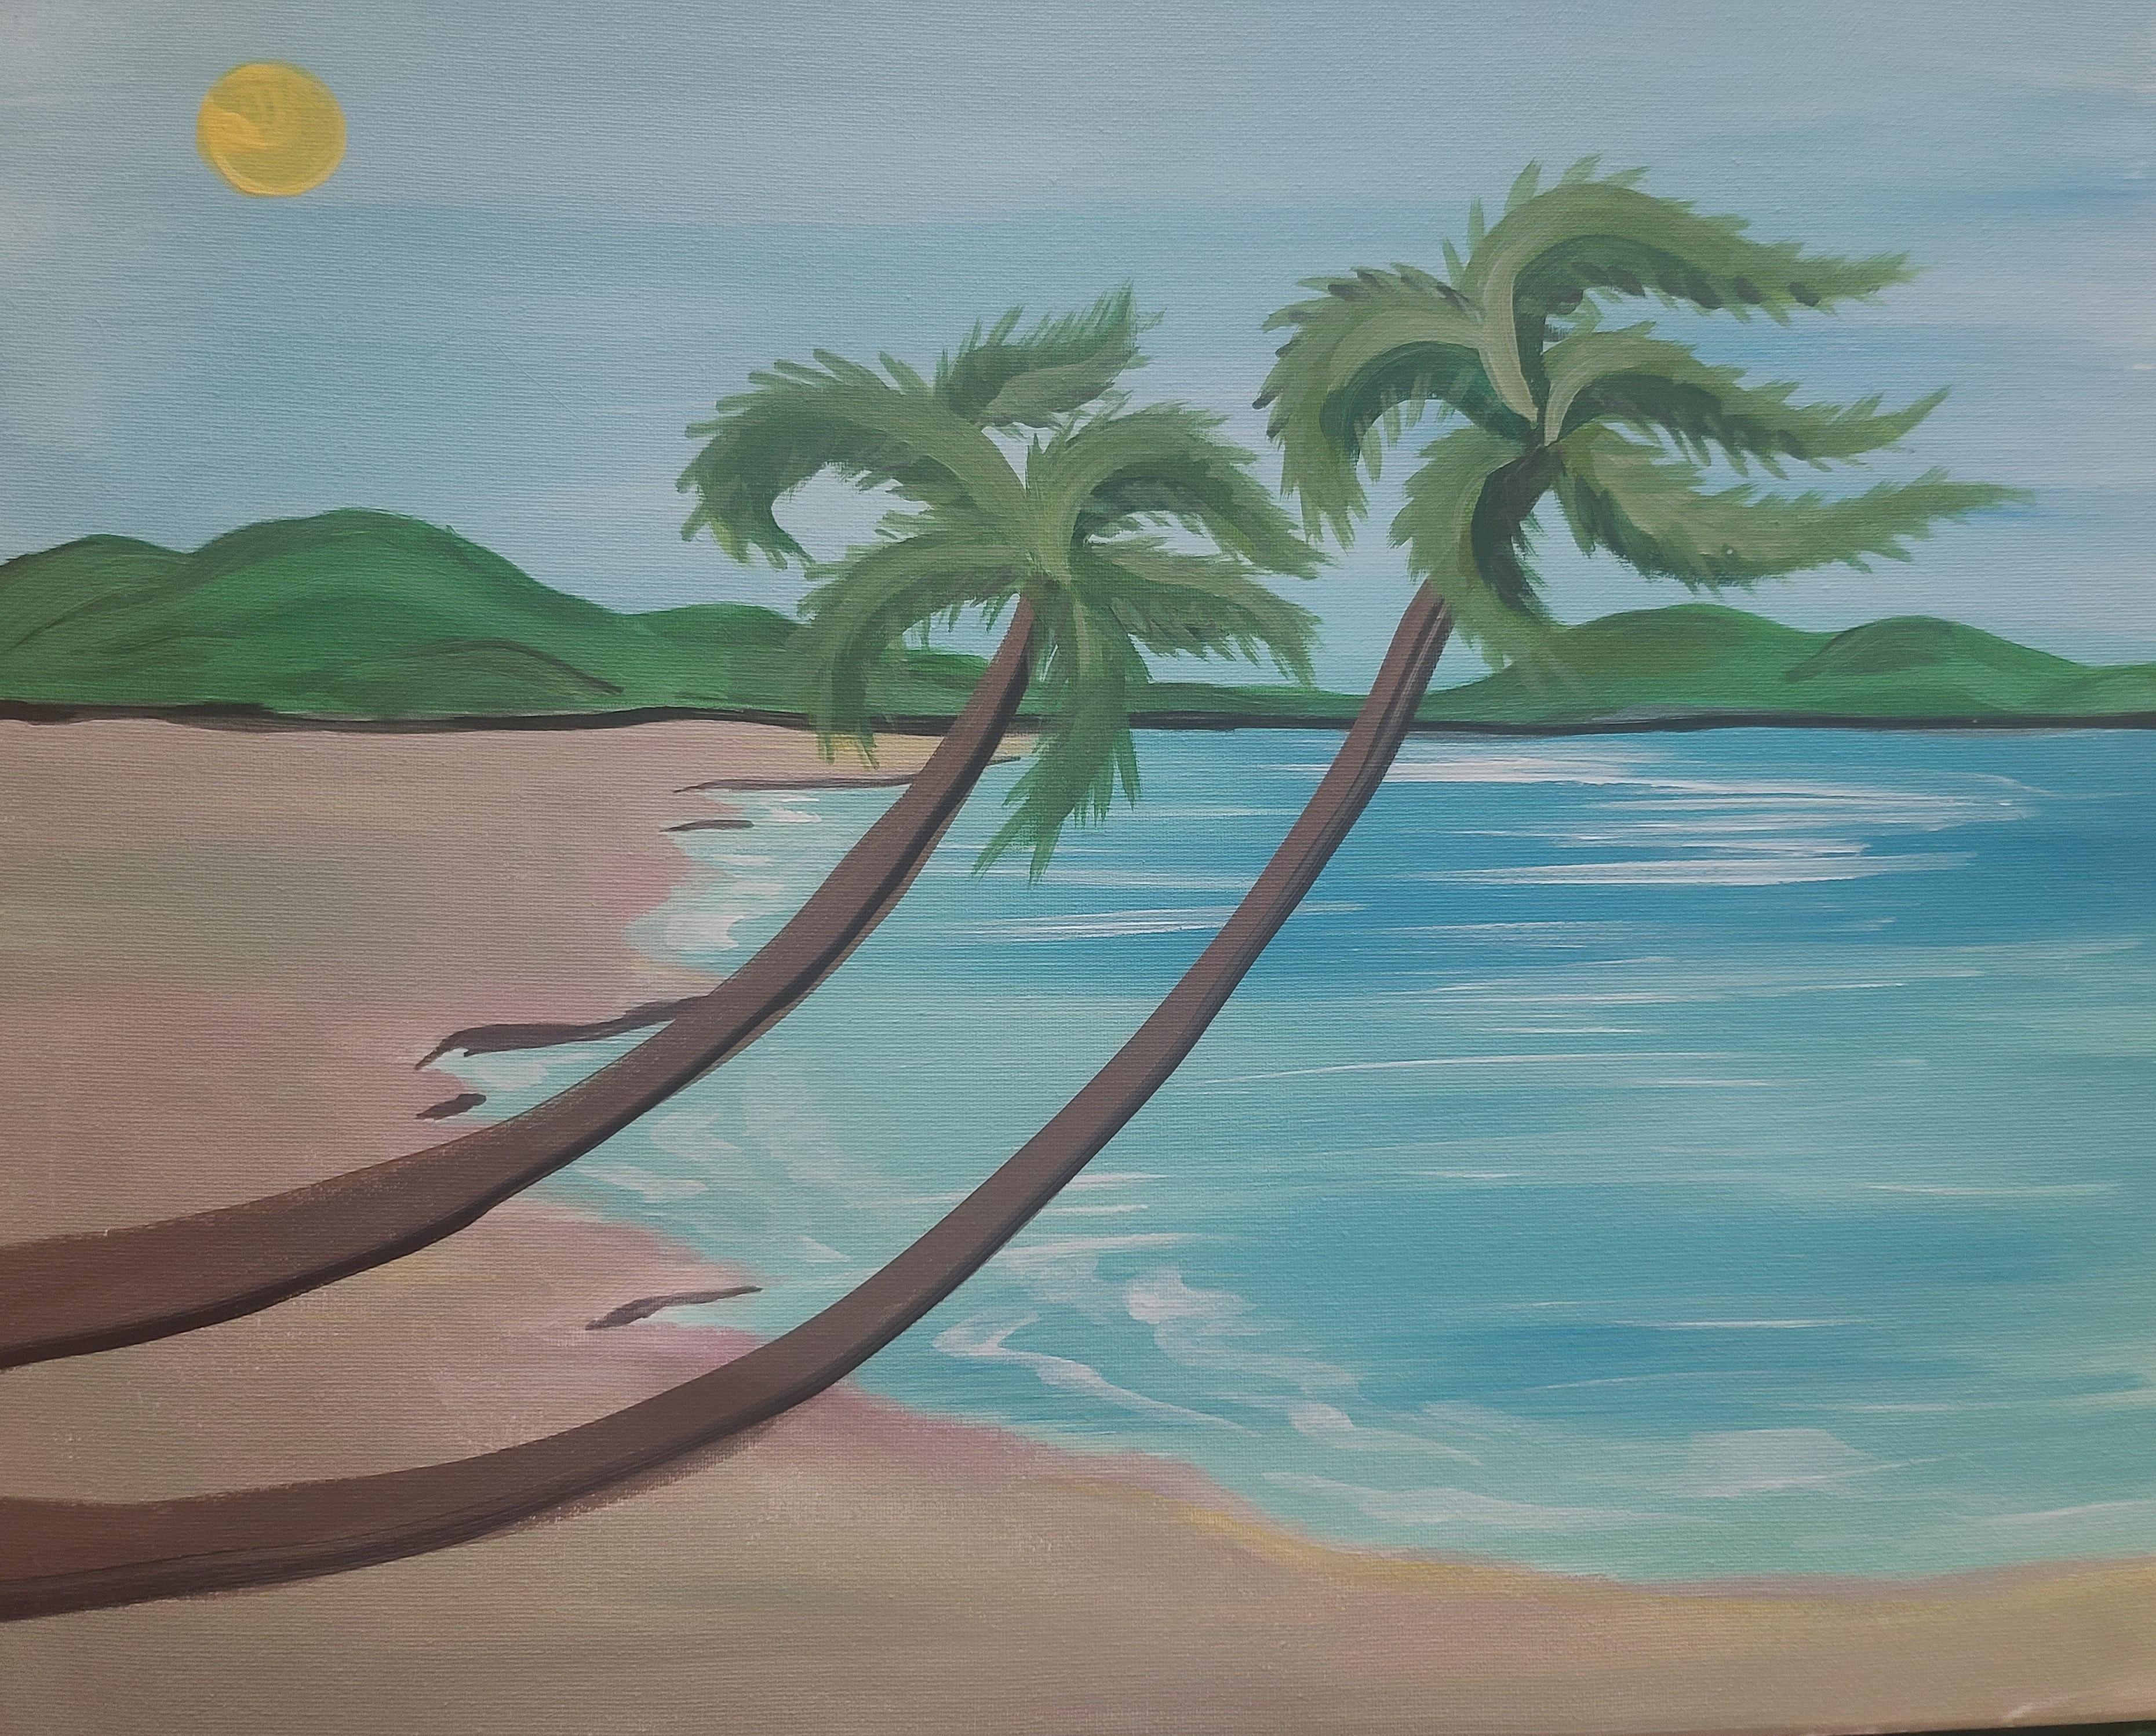 Windy Beach - LT